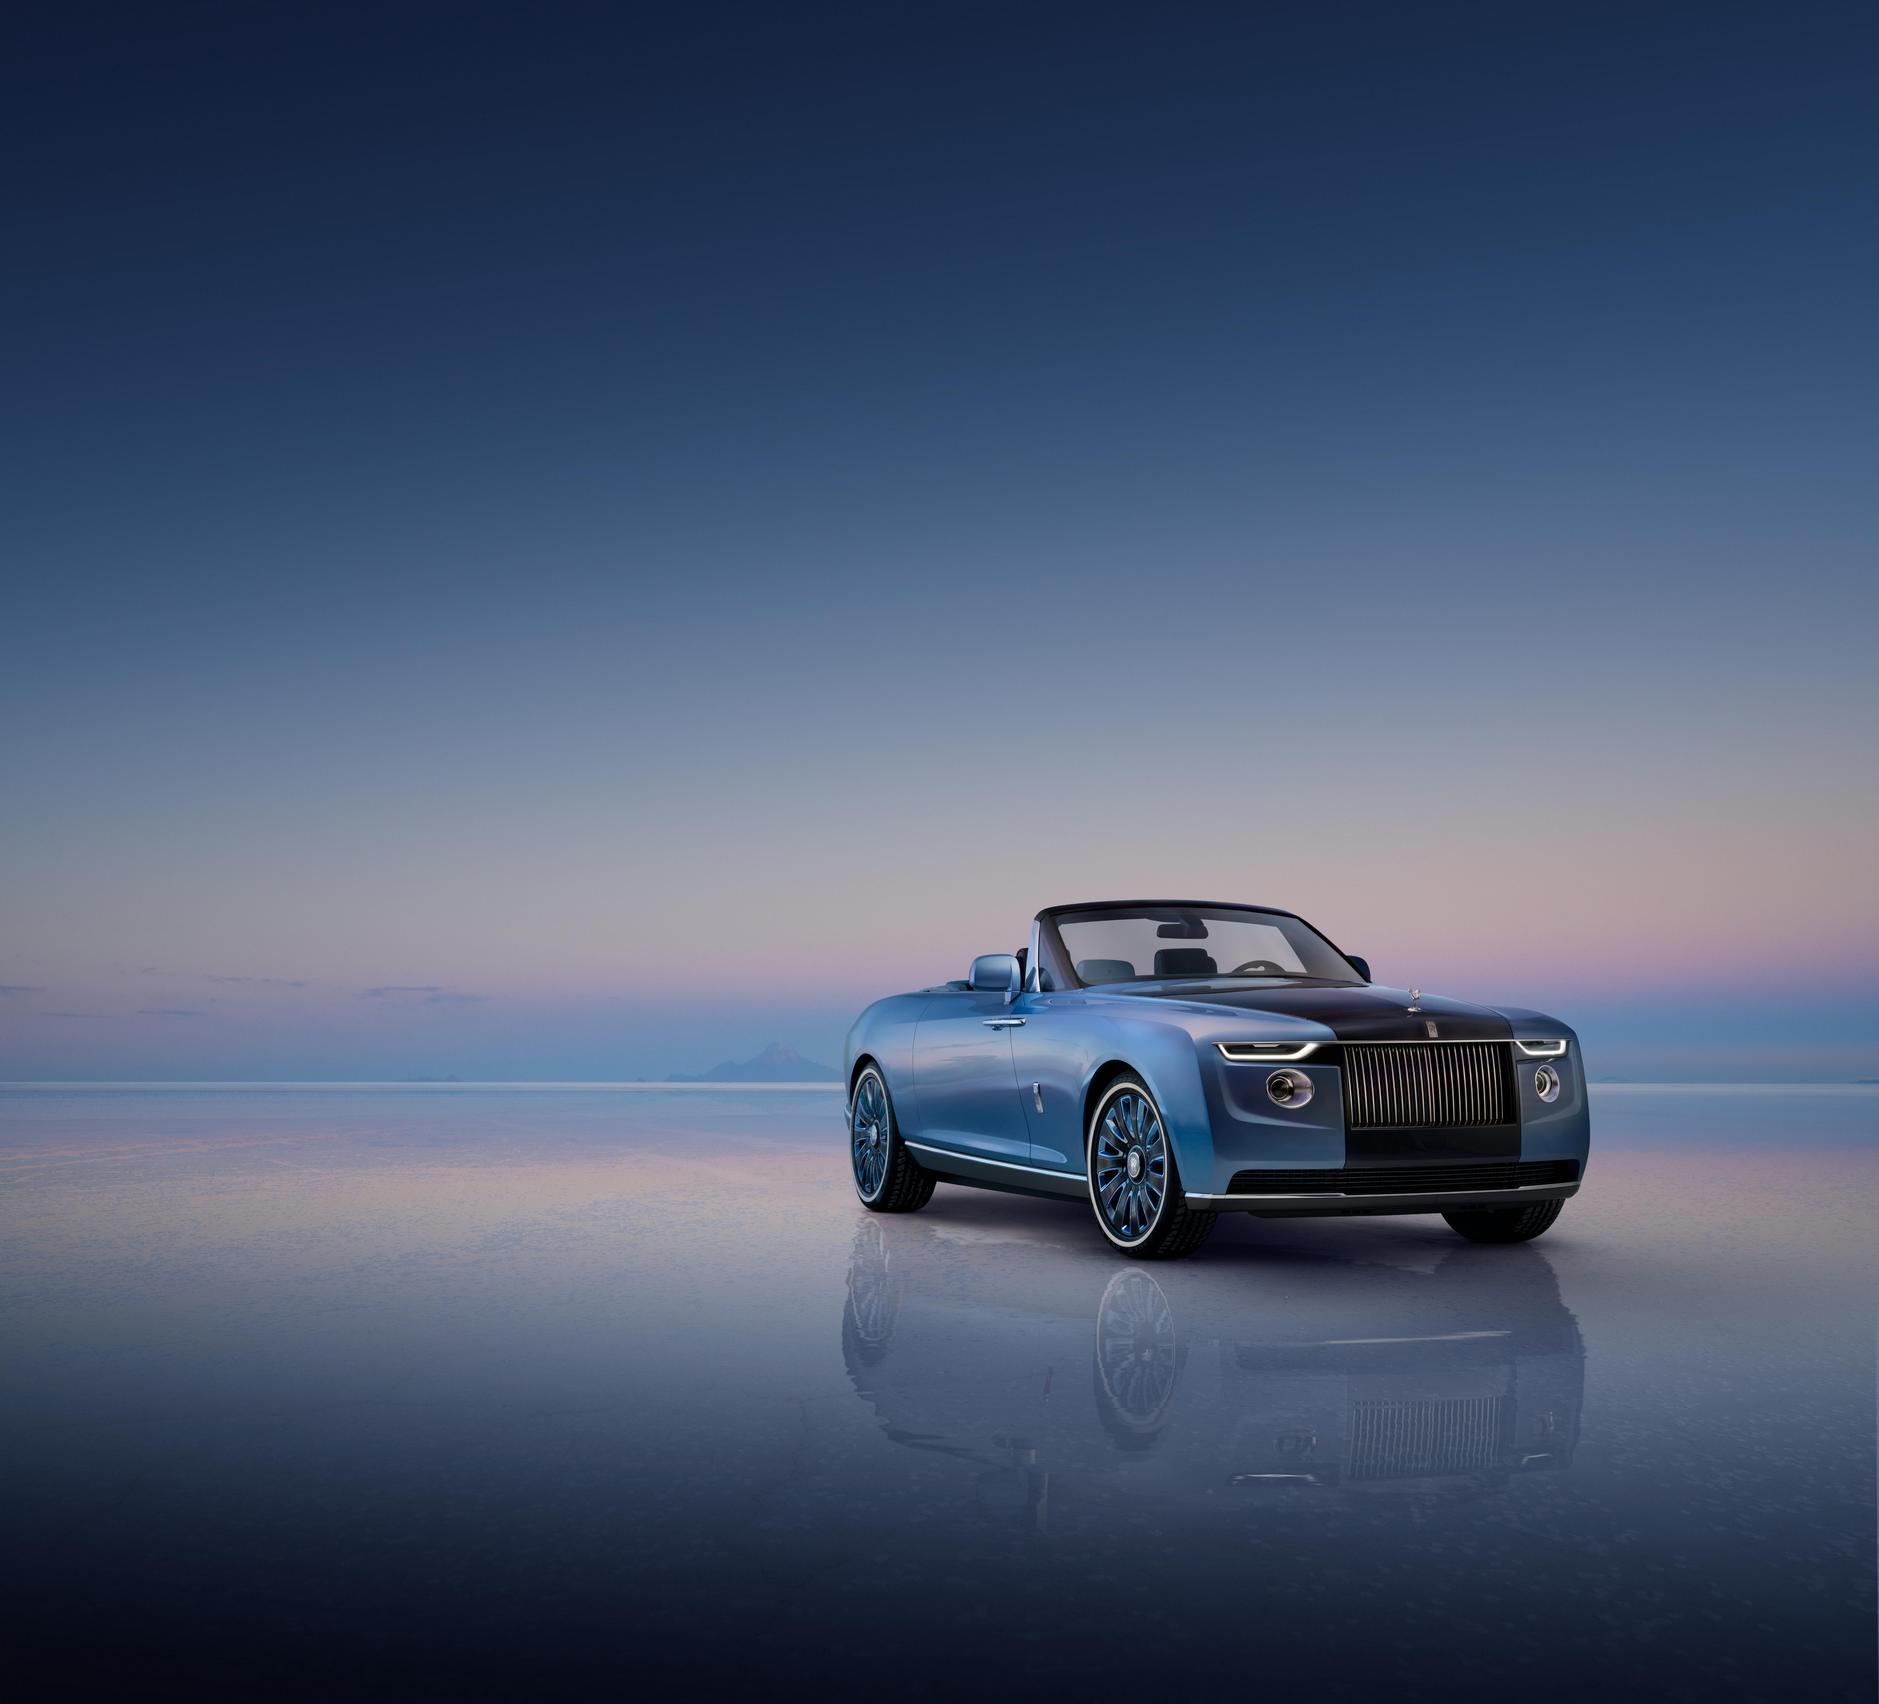 2021 Rolls-Royce Boat Tail